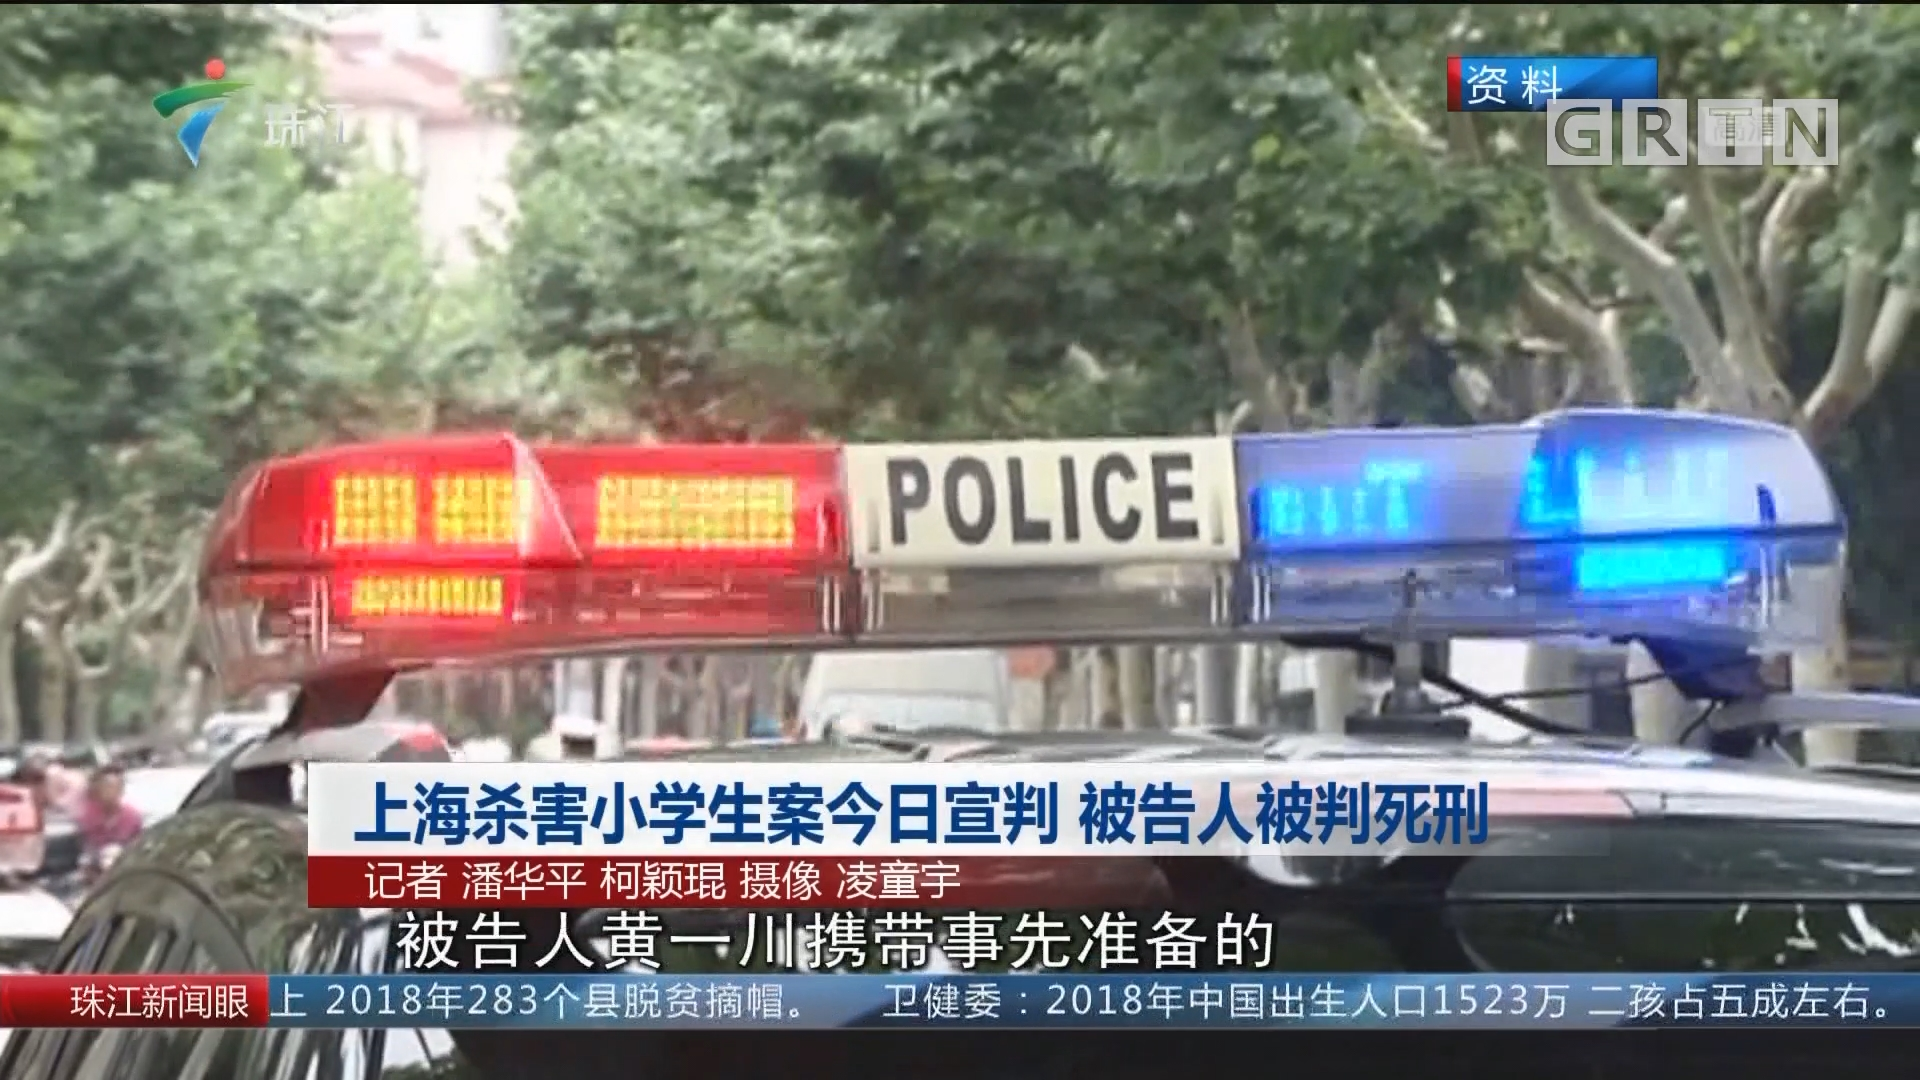 上海杀害小学生案今日宣判 被告人被判死刑